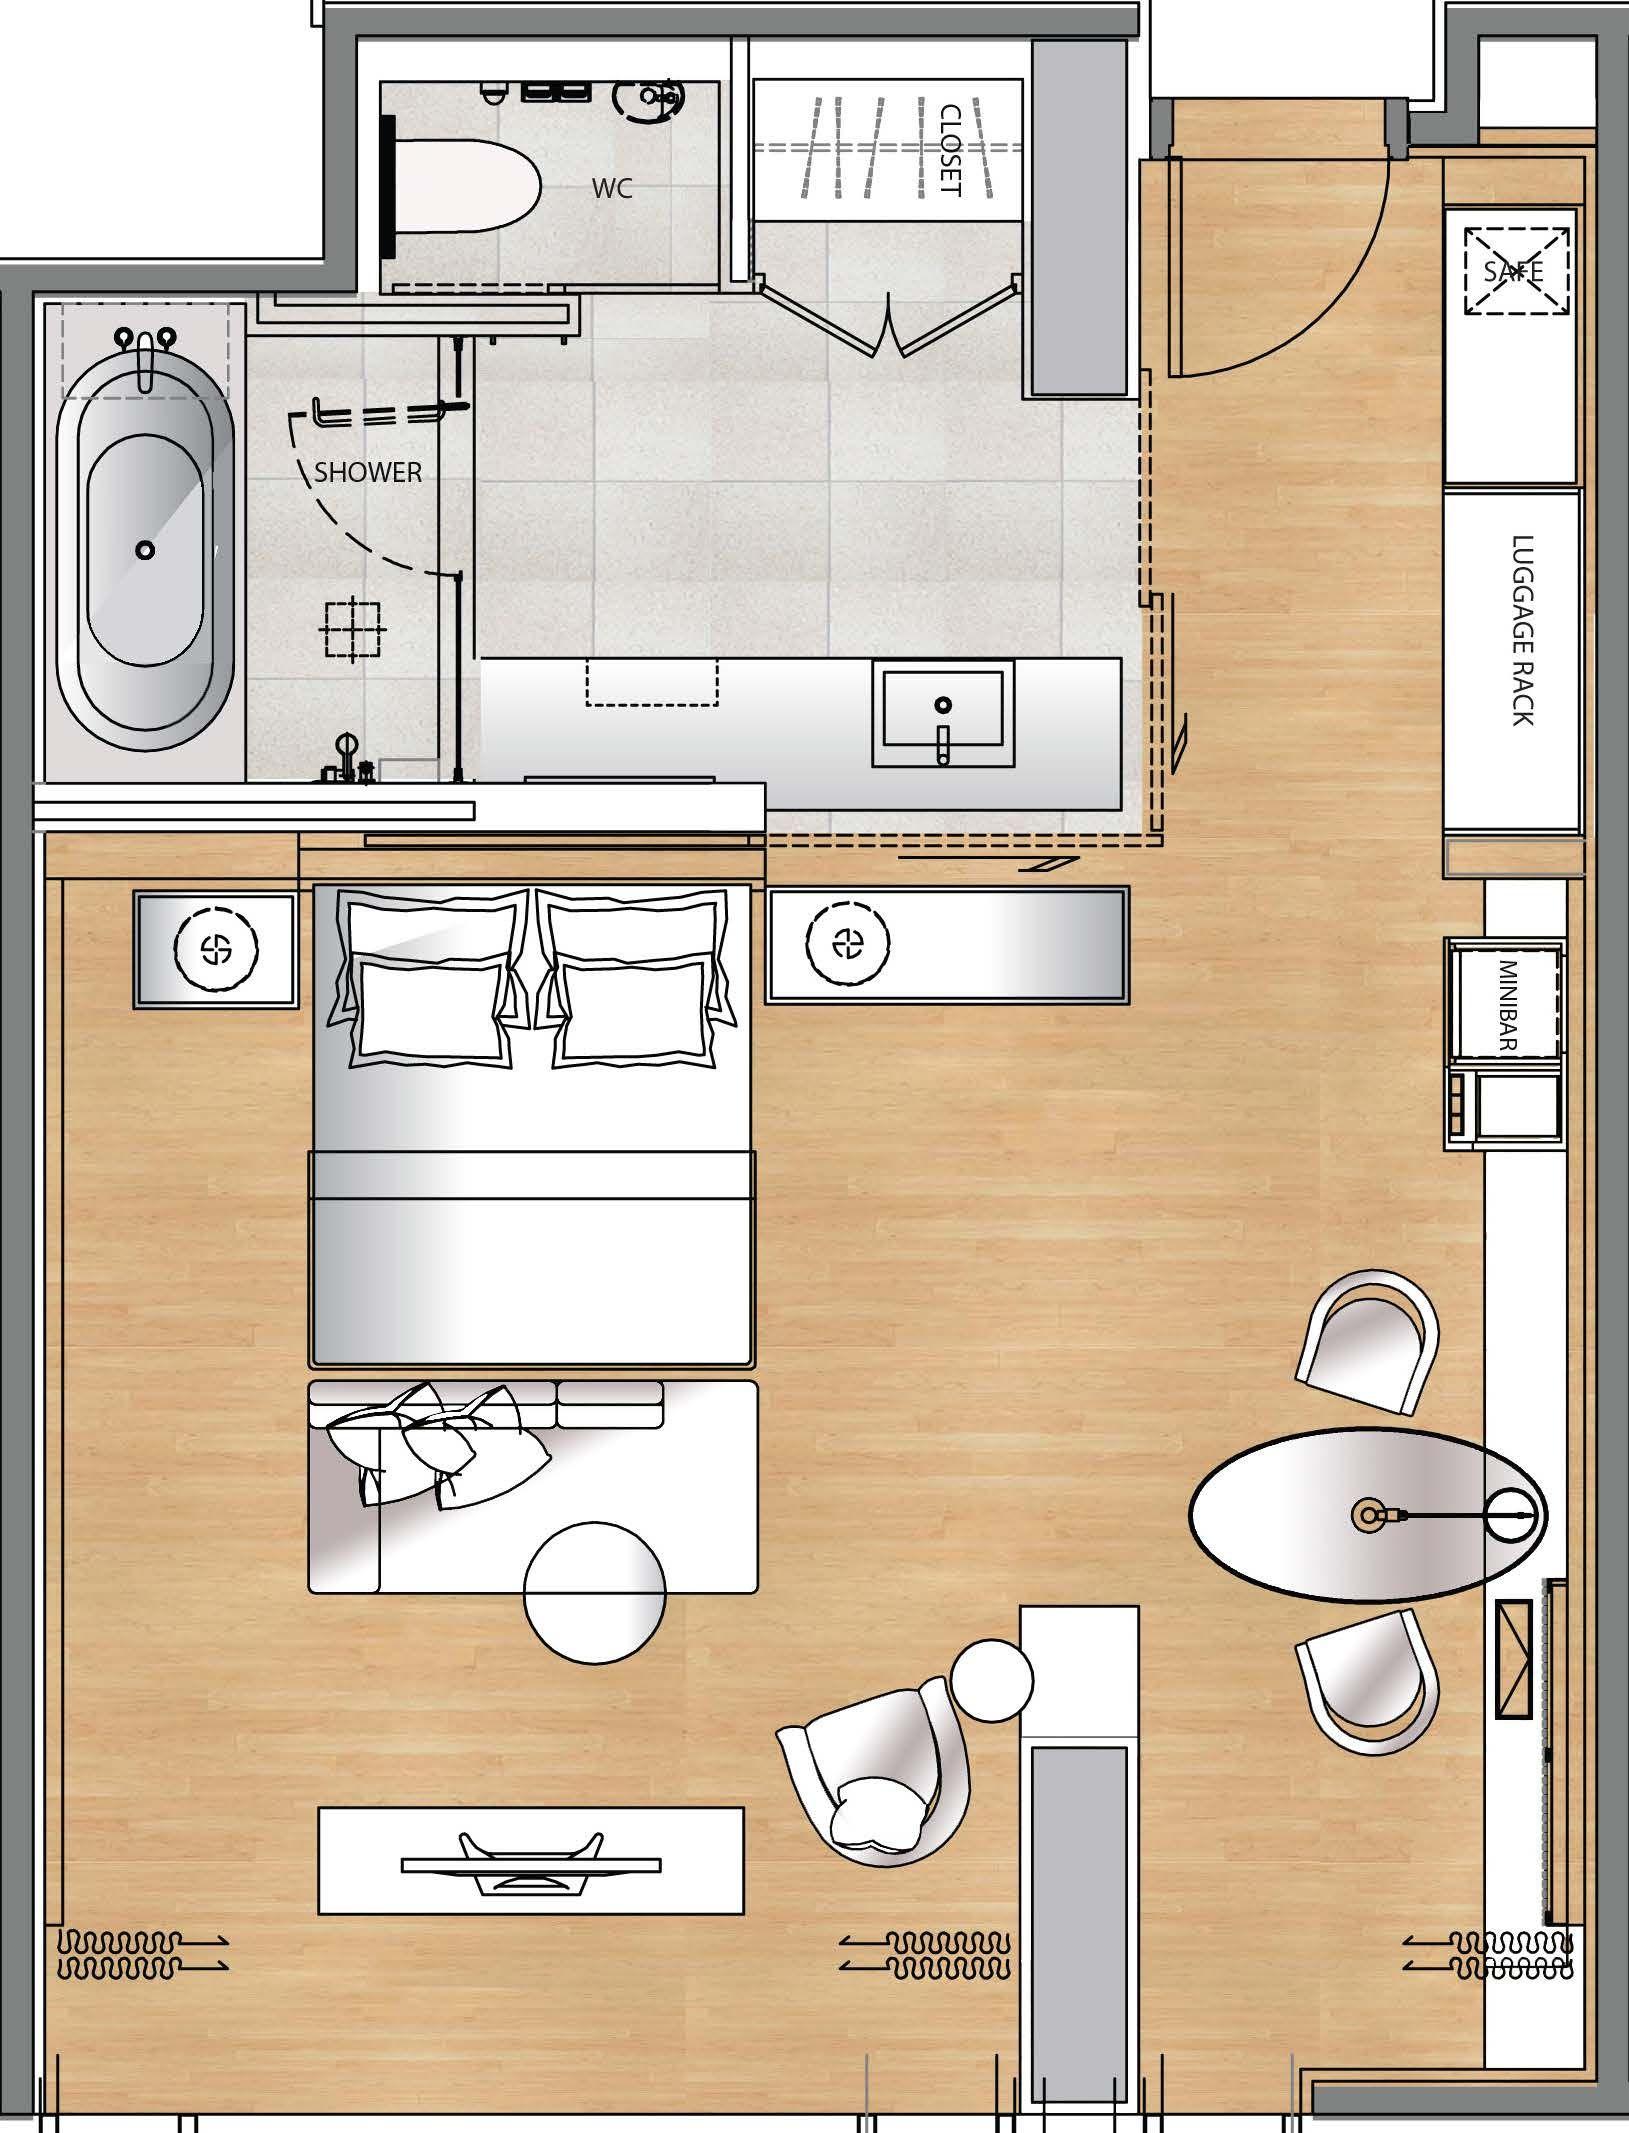 Hotel Gym Floor Plan Google Search Quartos De Hotel De Luxo